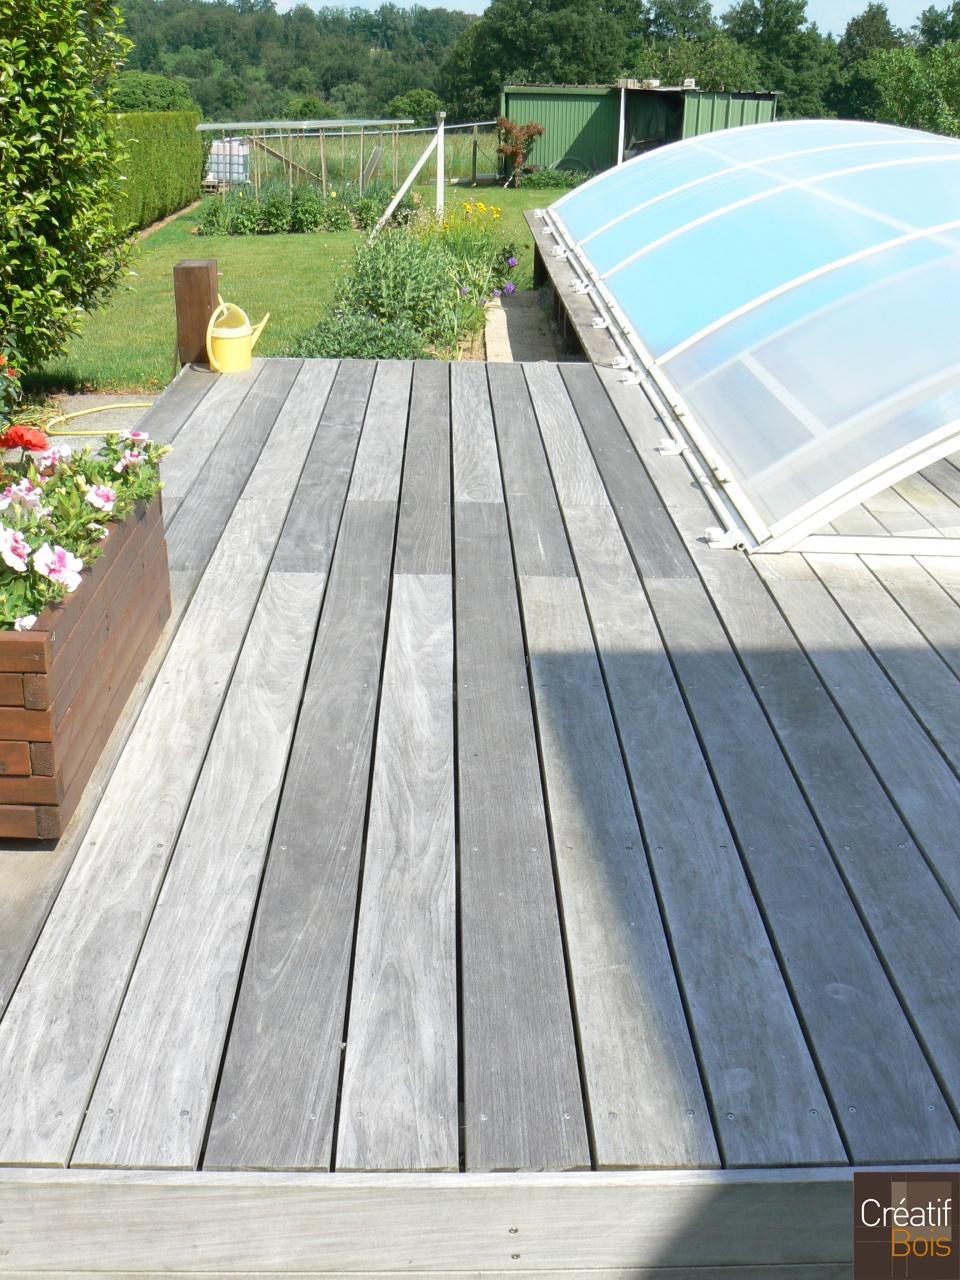 Terrasse Bois Avec Abri Pour Piscine Rilhac Rancon Haute